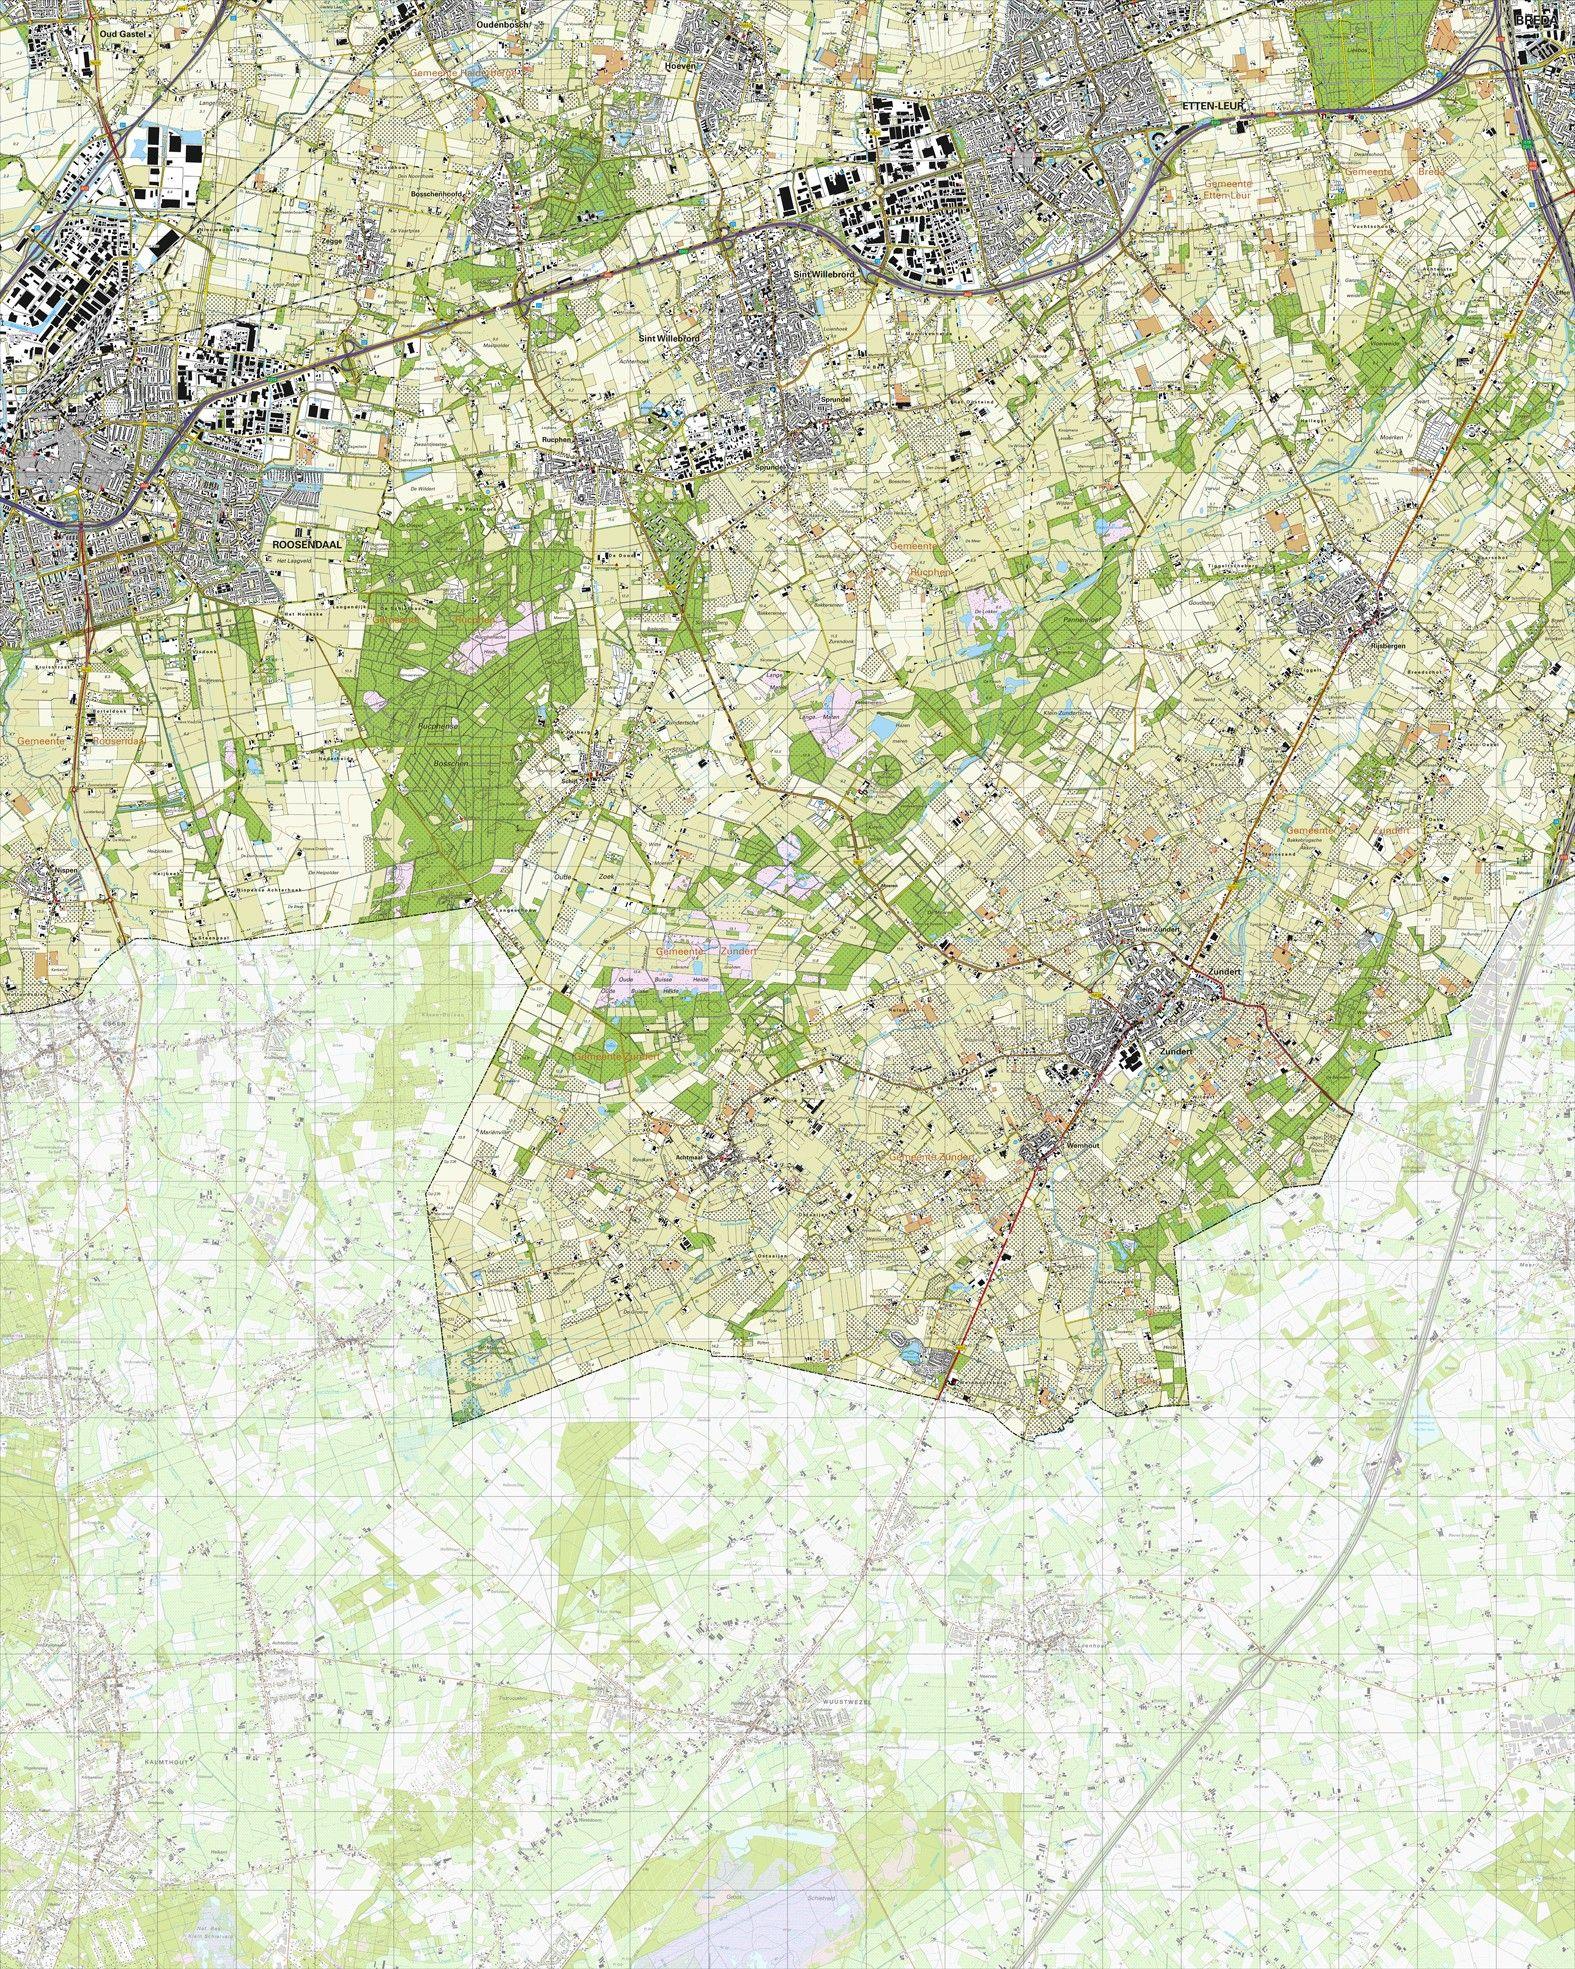 Topografische kaart schaal 1:25.000 (Roosendaal, Etten-Leur, Rucphen, Zundert, Hoeven)